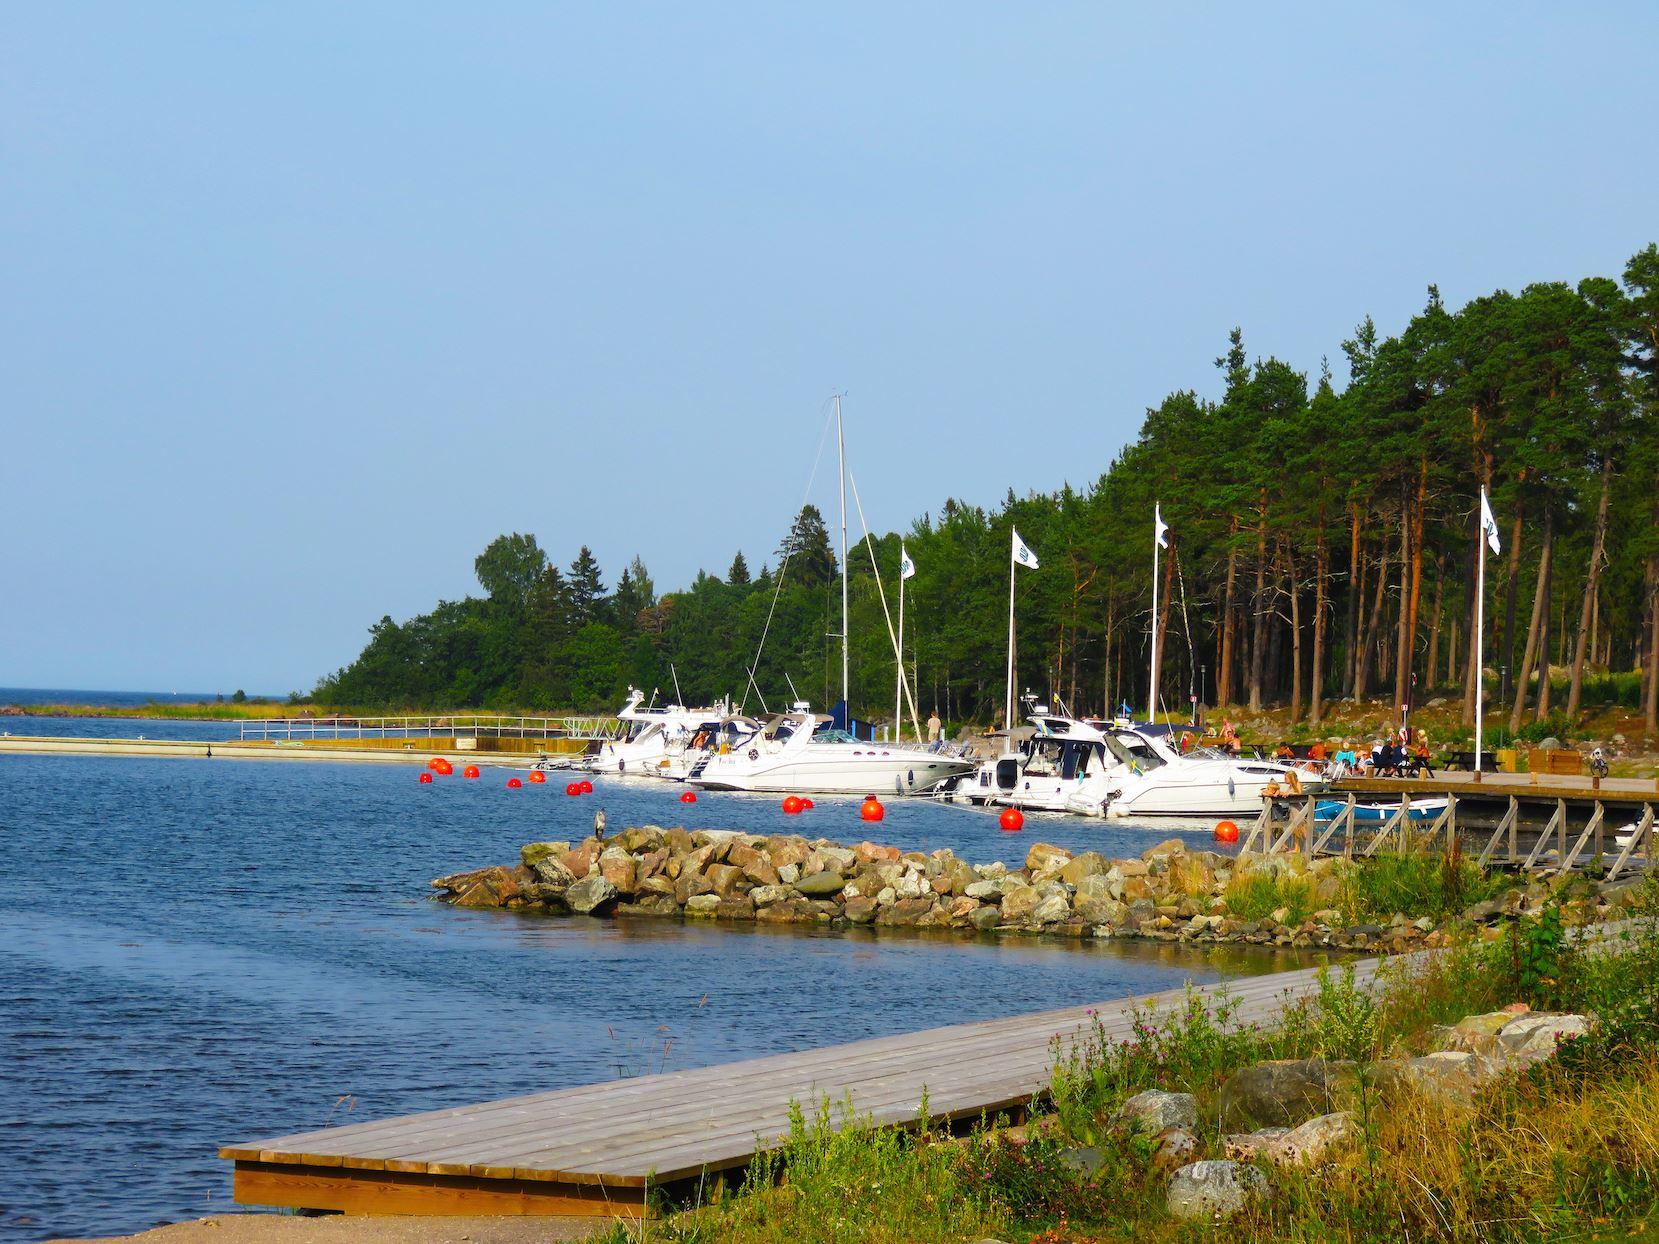 Furuviks Havscamping & gästhamn